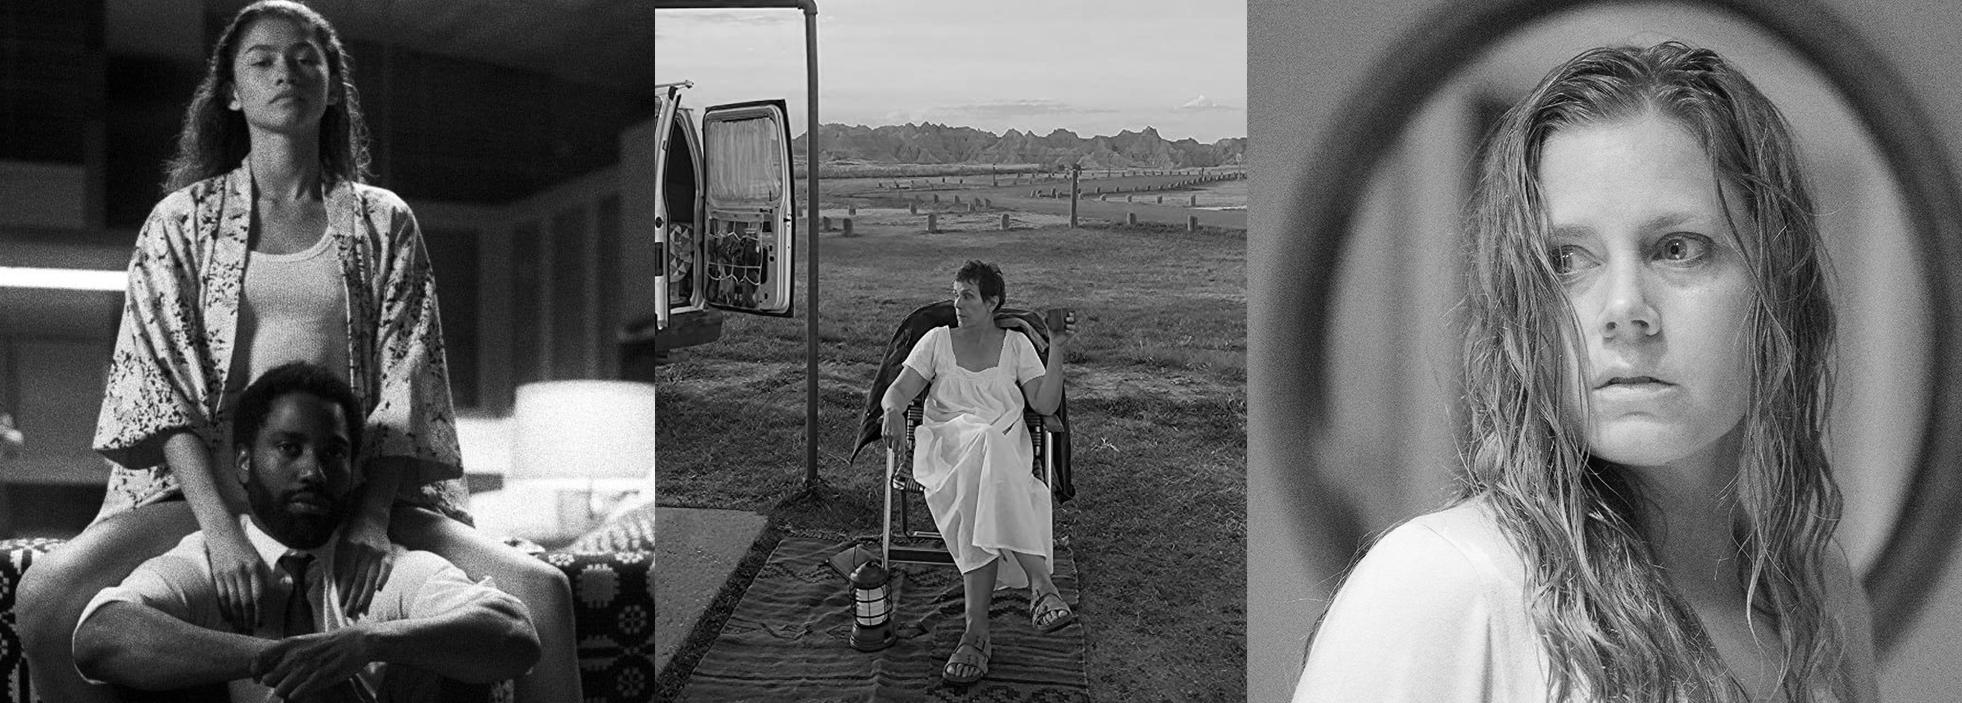 קולאז׳ המורכב מתמונות מהסרטים: האישה בחלון, ארץ הנוודים, מלקולם ומארי